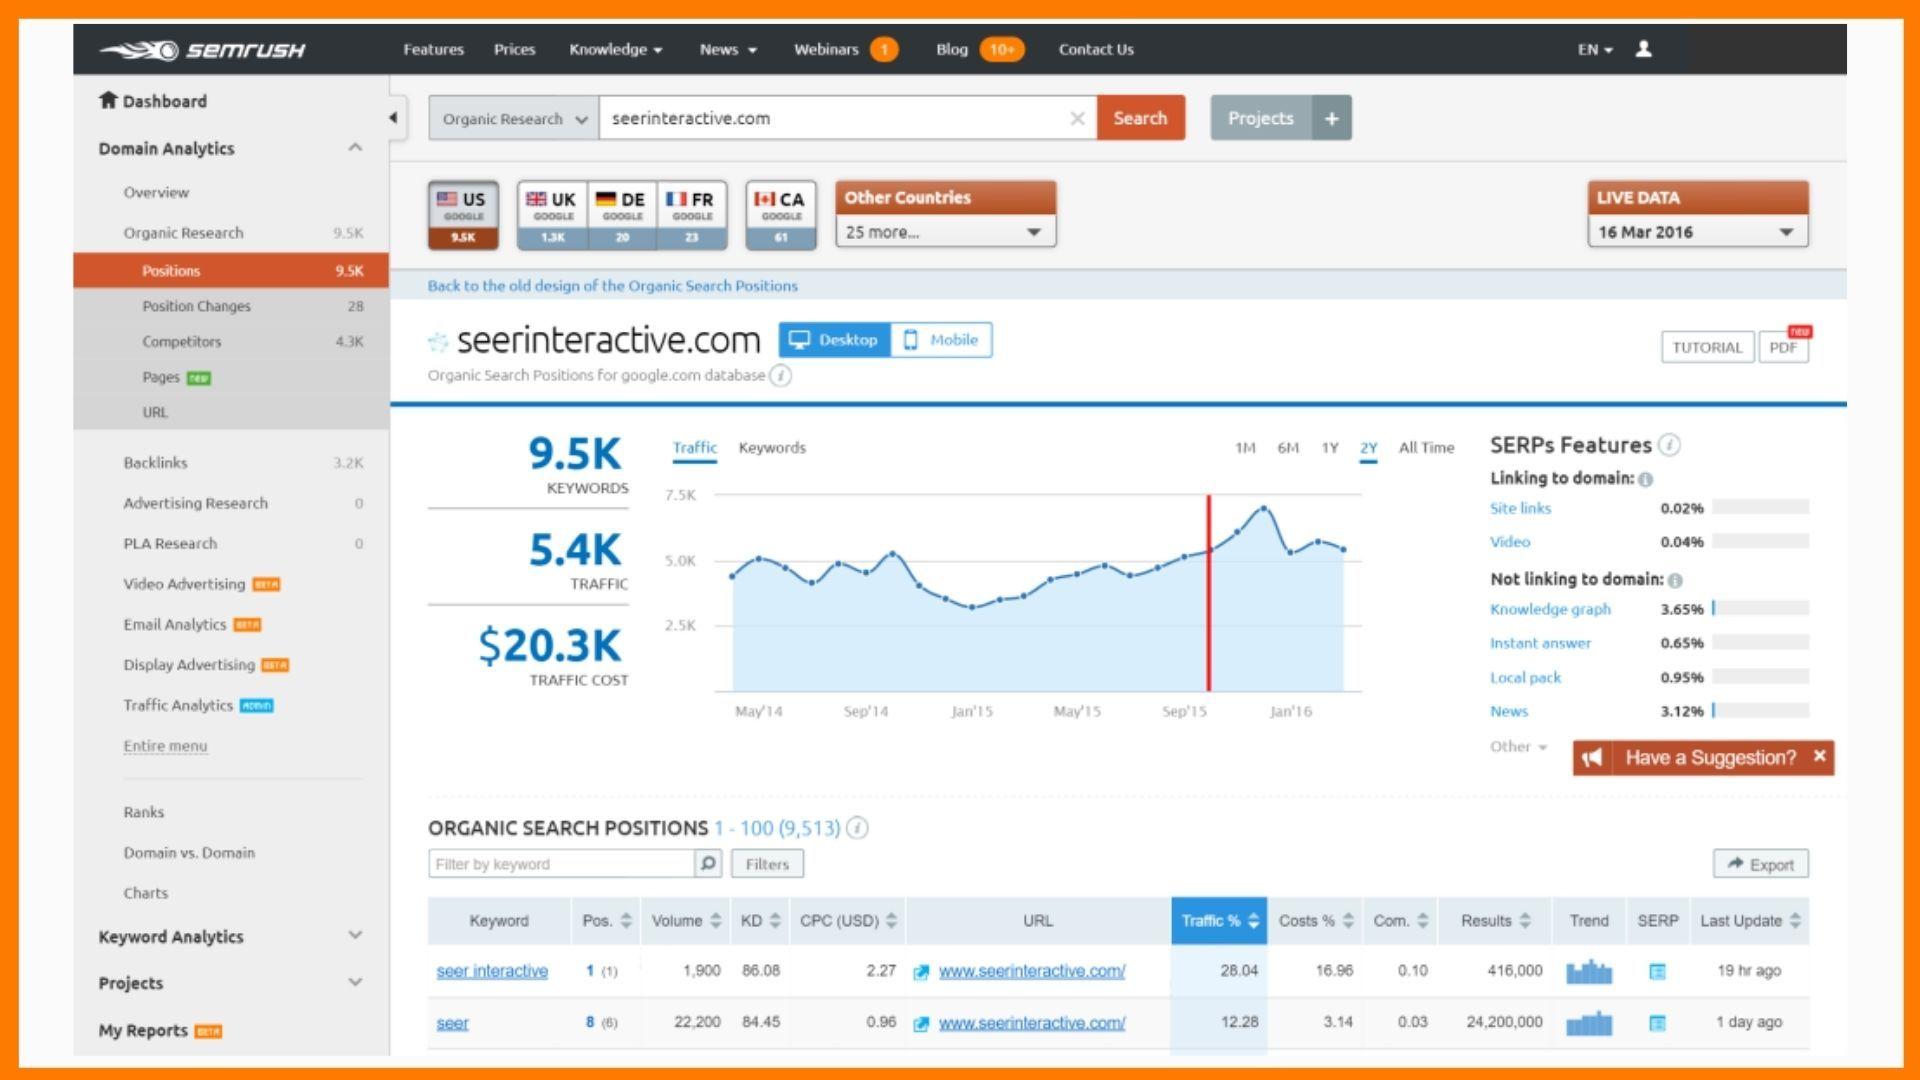 SEMRush: SEO Marketing Tool